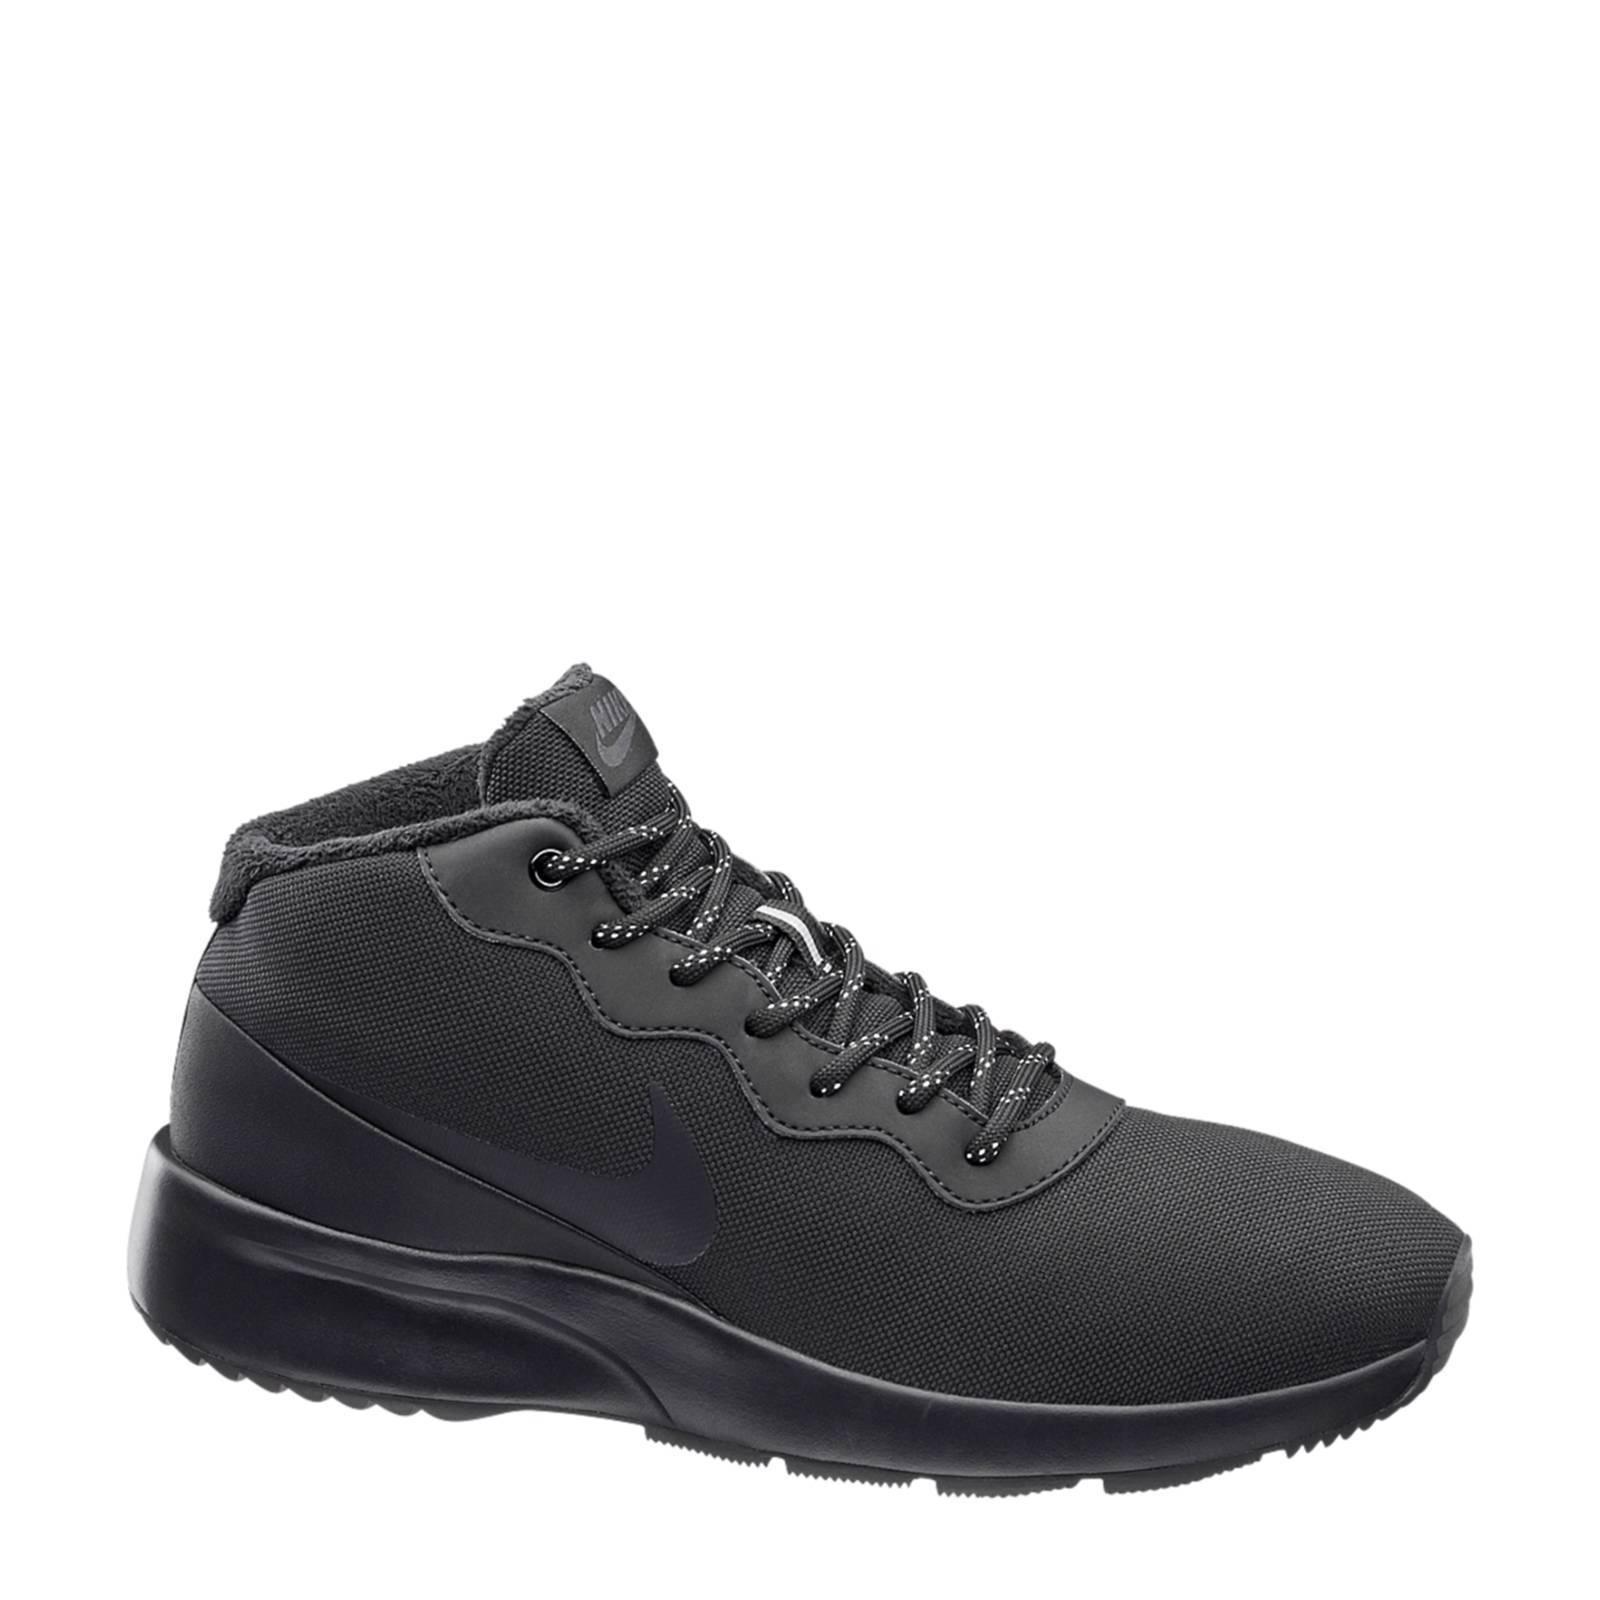 Tanjun Chukka MID gevoerde sneakers